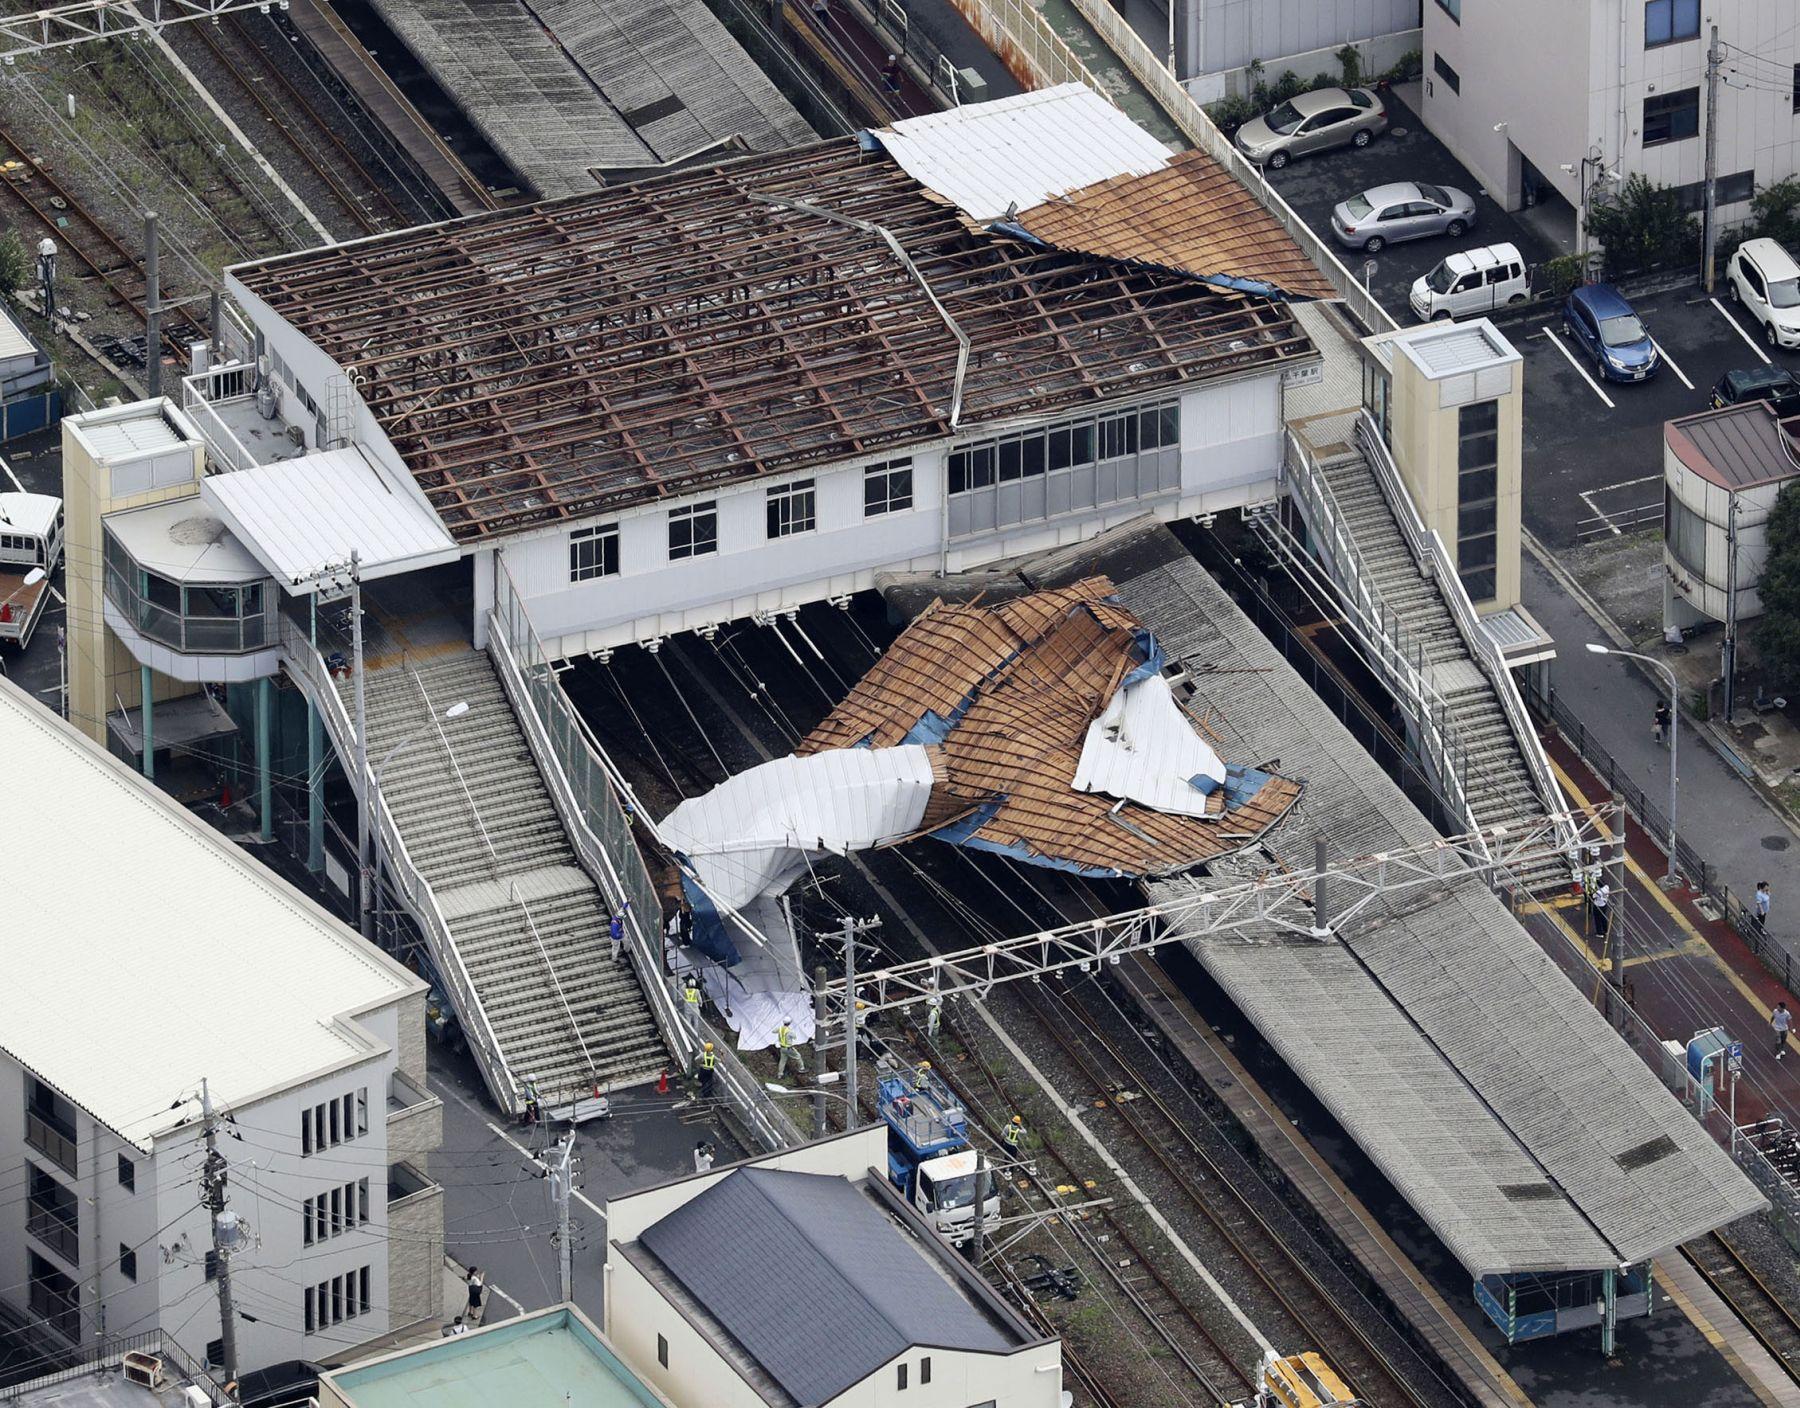 Japan Metro Tokyo Aftermath of Typhoon Faxai 005